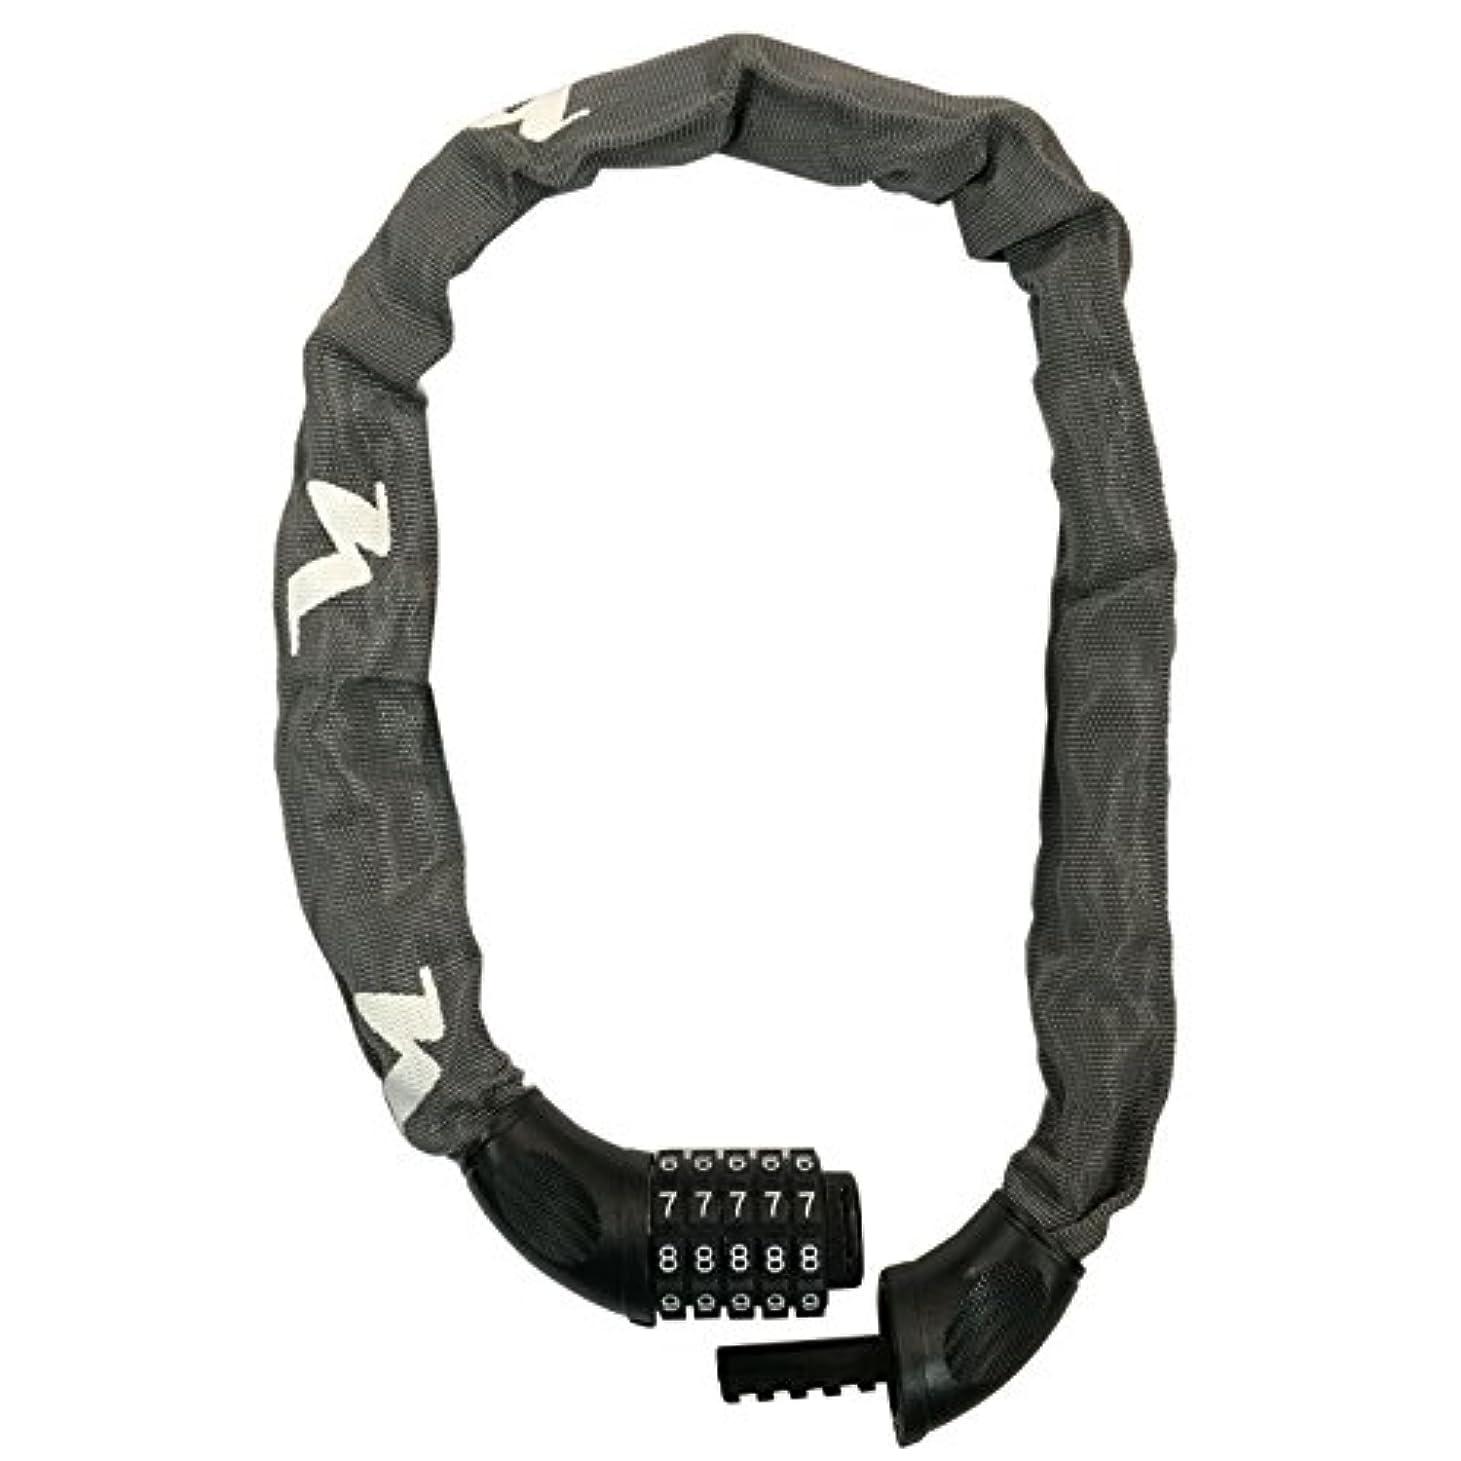 調和メタリック落とし穴ニッコー(NIKKO) 5桁ダイヤル式チェーンロック (開錠番号変更可能) N661C750GR スチールグレー 線径φ6mmチェーン×750mm